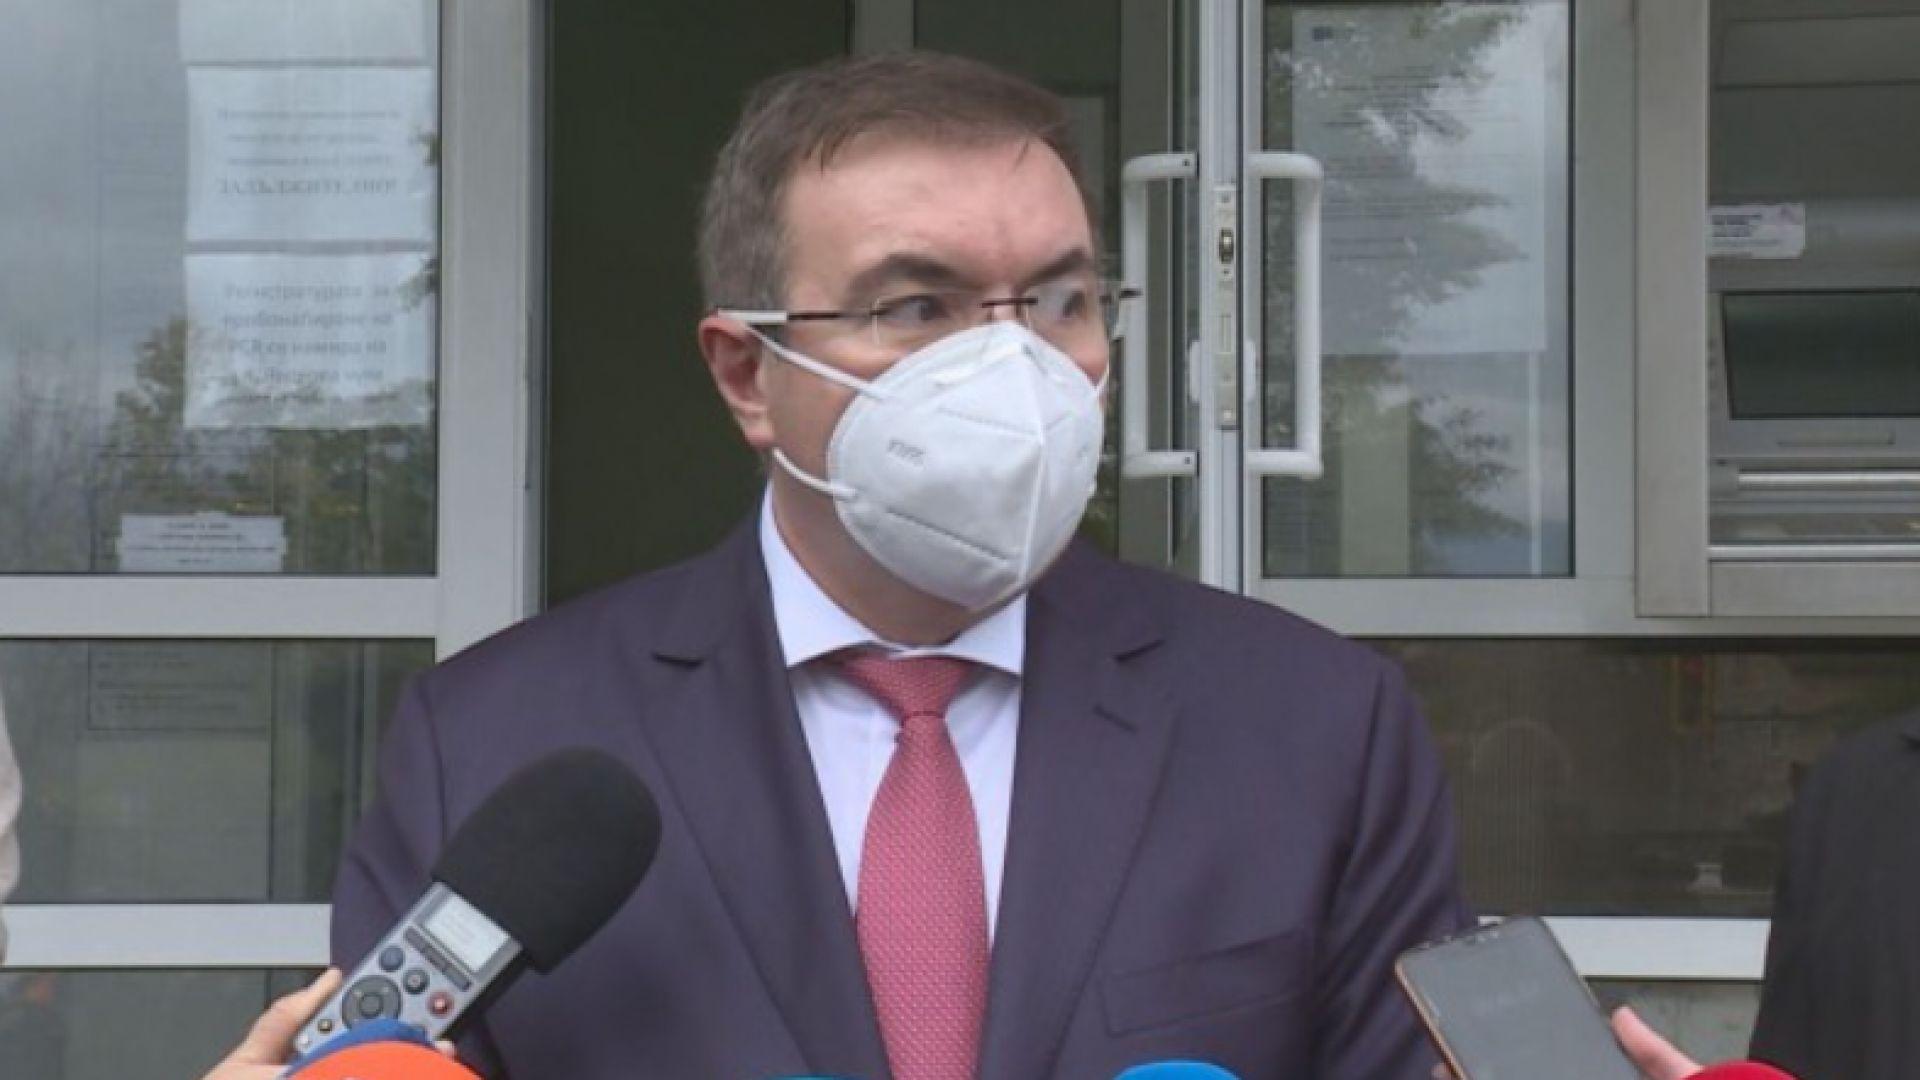 Ще правят бързи антигенни тестове пред болниците, спасяват РЗИ в София с 20 служители